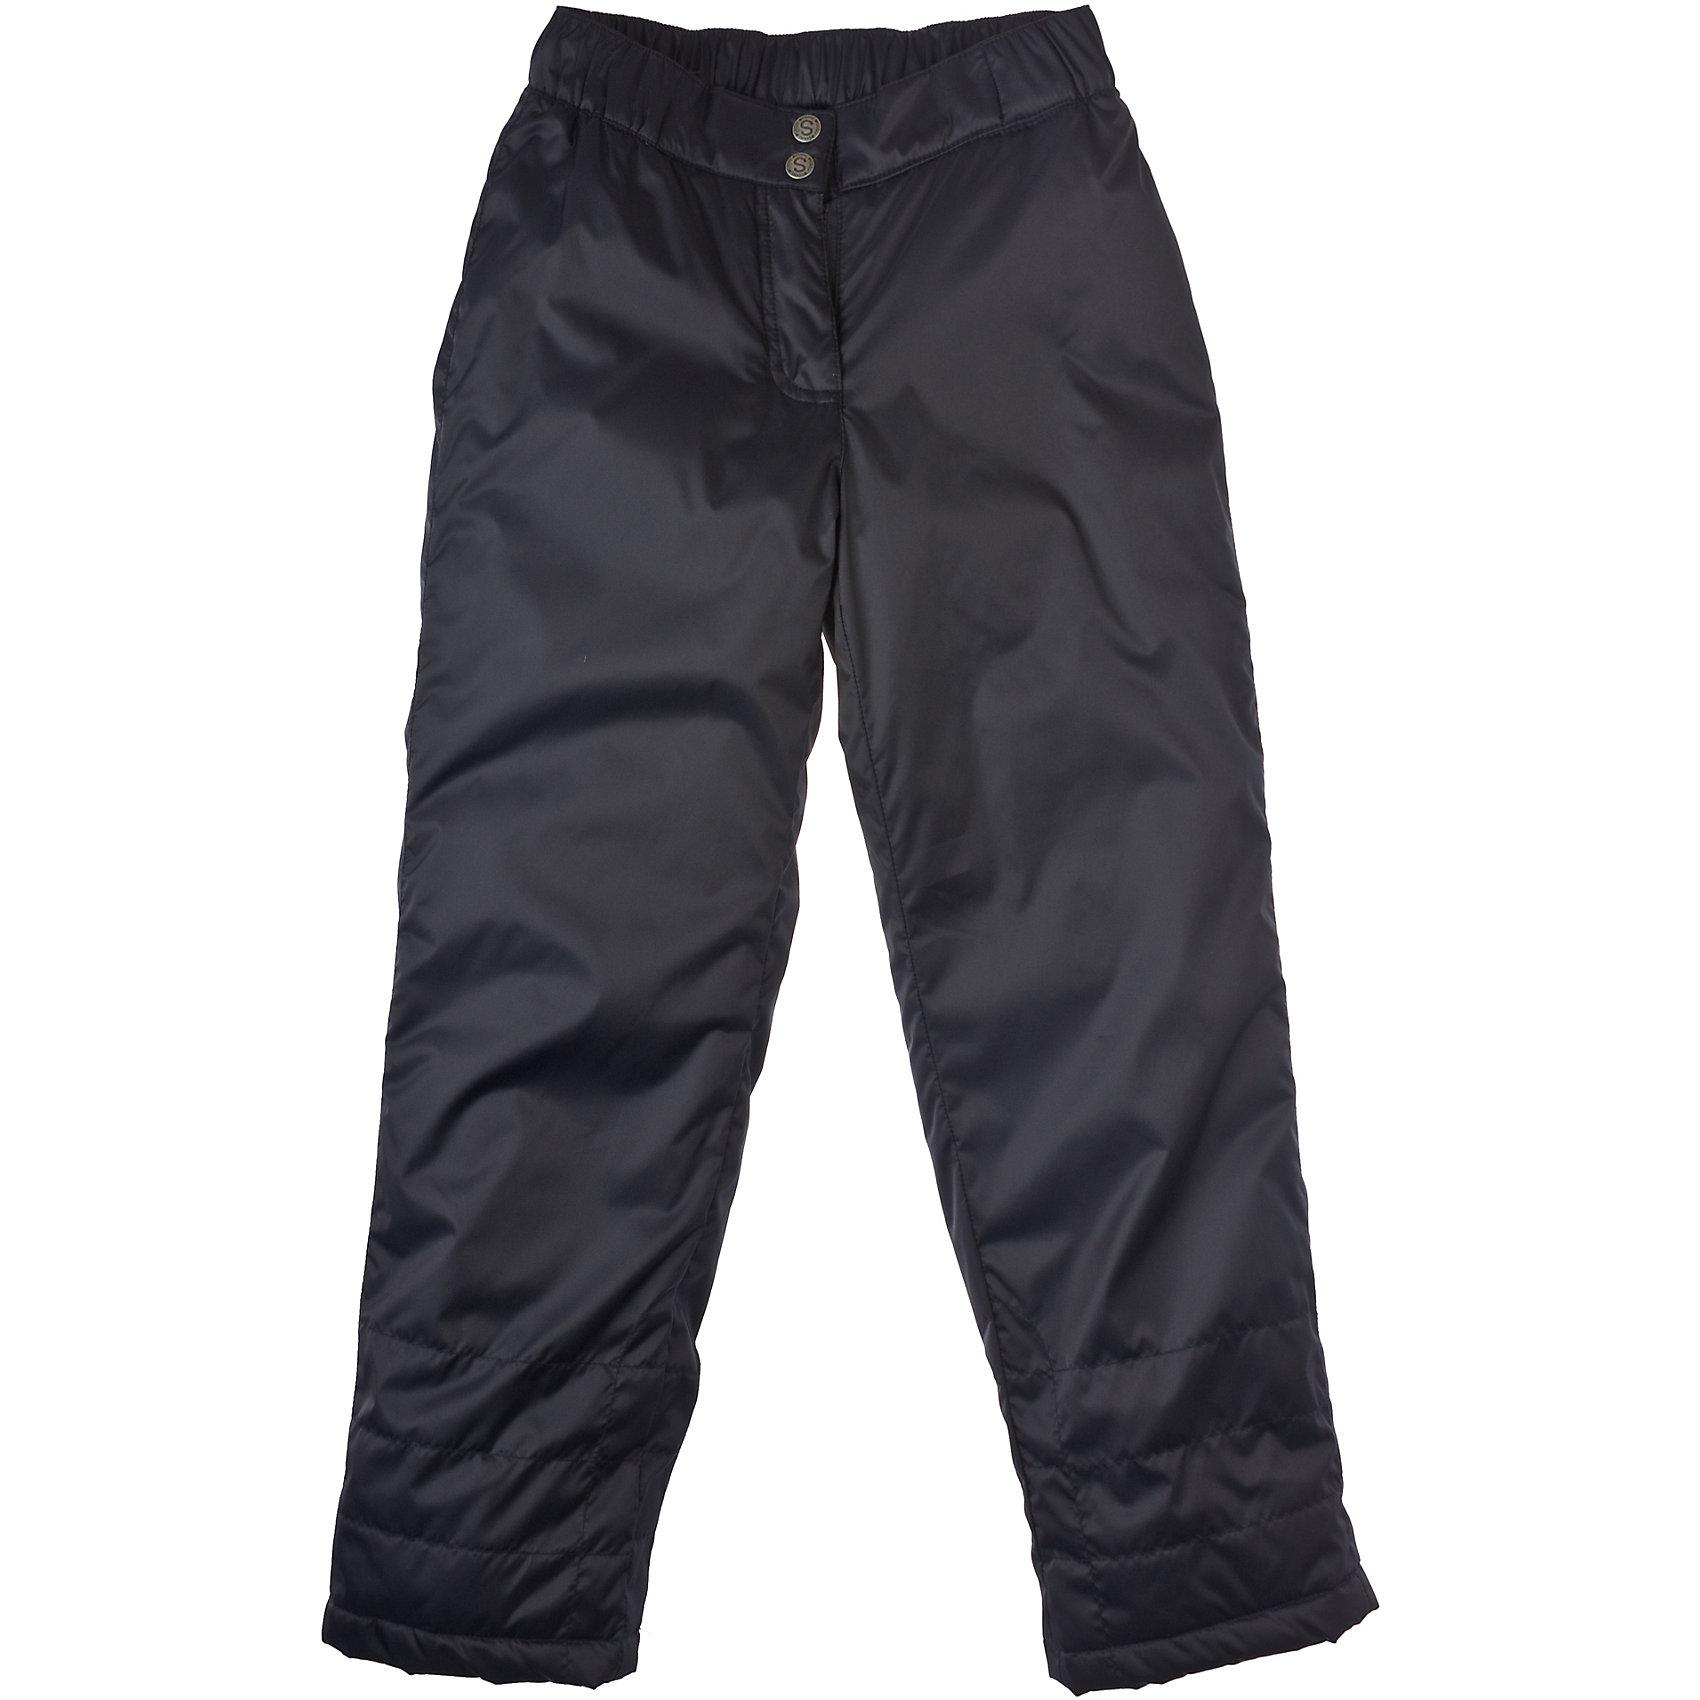 Брюки для девочки ScoolБрюки<br>Брюки для девочки Scool Утепленные брюки на холодную погоду. На поясе и по низу брюк - резинка. Состав: Верх: 100% полиэстер, Подкладка: 100% полиэстер, Наполнитель: 100% полиэстер<br><br>Ширина мм: 215<br>Глубина мм: 88<br>Высота мм: 191<br>Вес г: 336<br>Цвет: разноцветный<br>Возраст от месяцев: 120<br>Возраст до месяцев: 132<br>Пол: Женский<br>Возраст: Детский<br>Размер: 146,164,152,158,134,140<br>SKU: 4228335